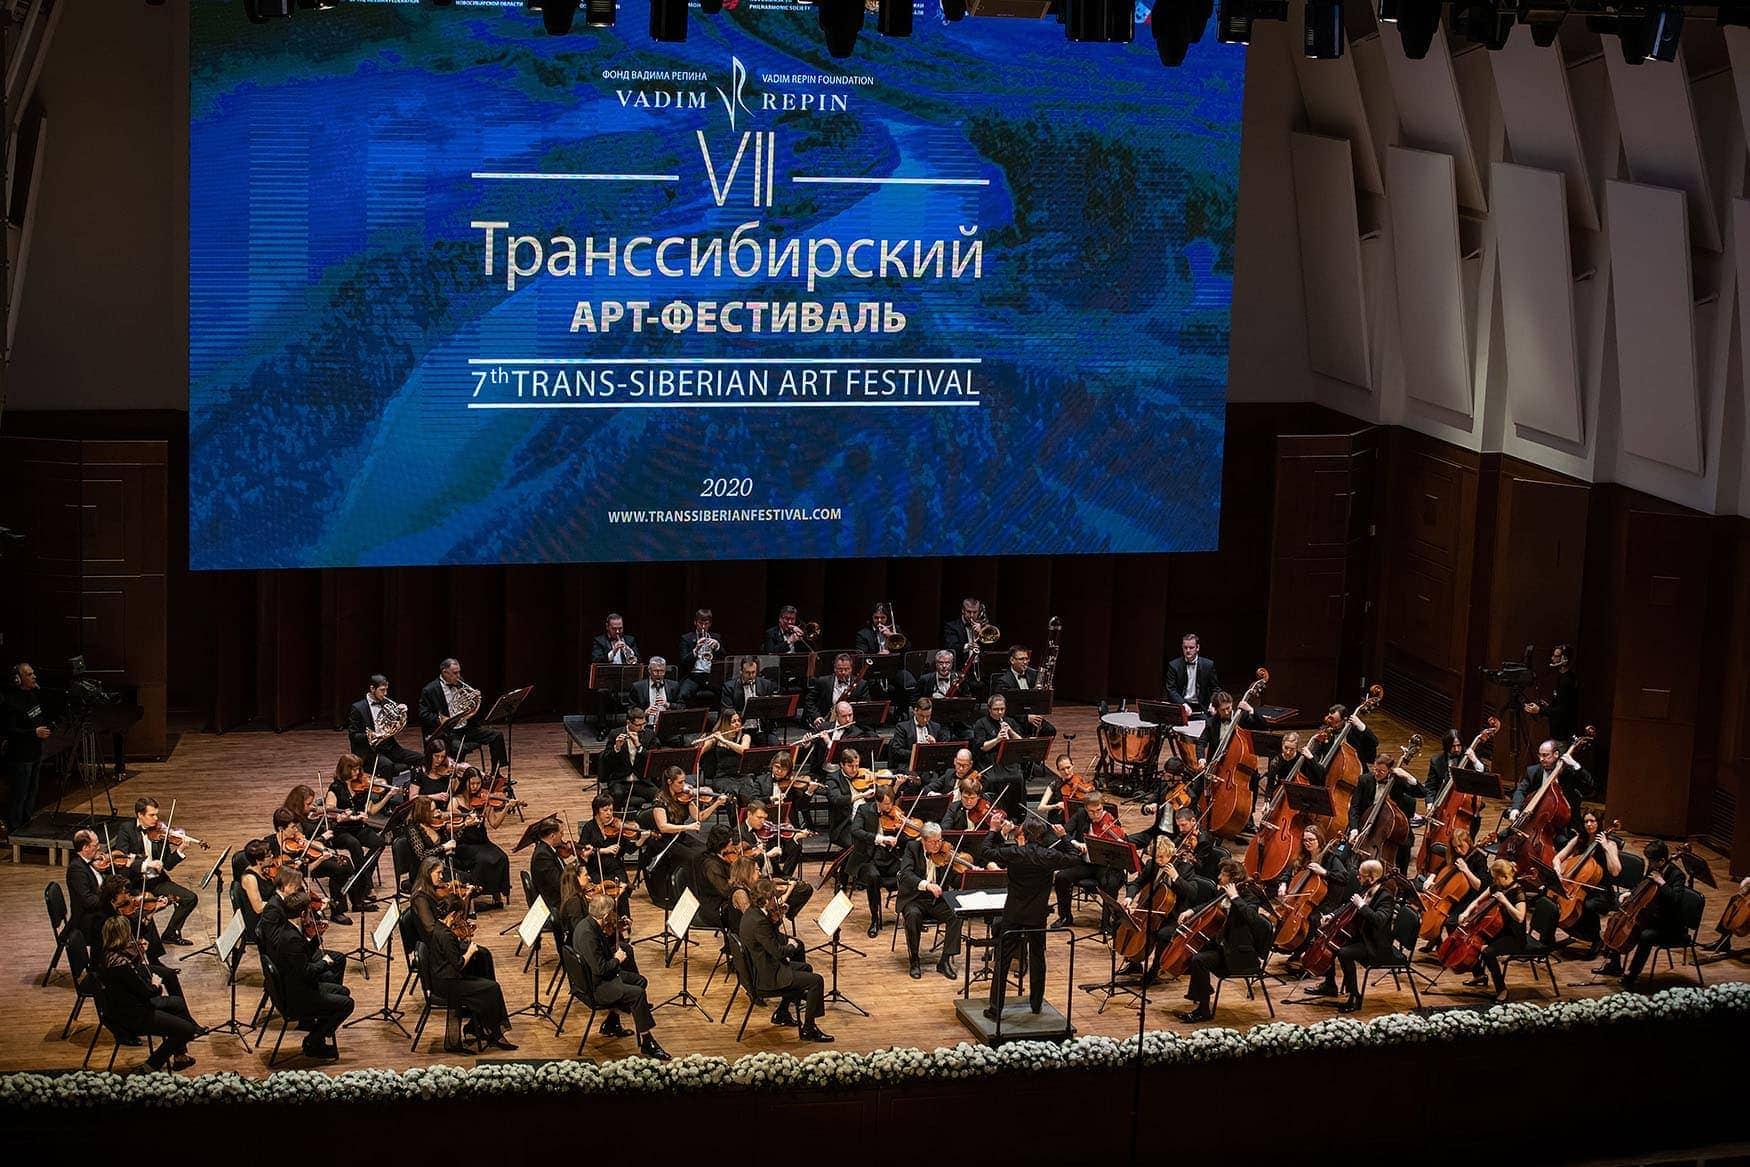 VII Транссибирский арт-фестиваль. Фото - Александр Иванов